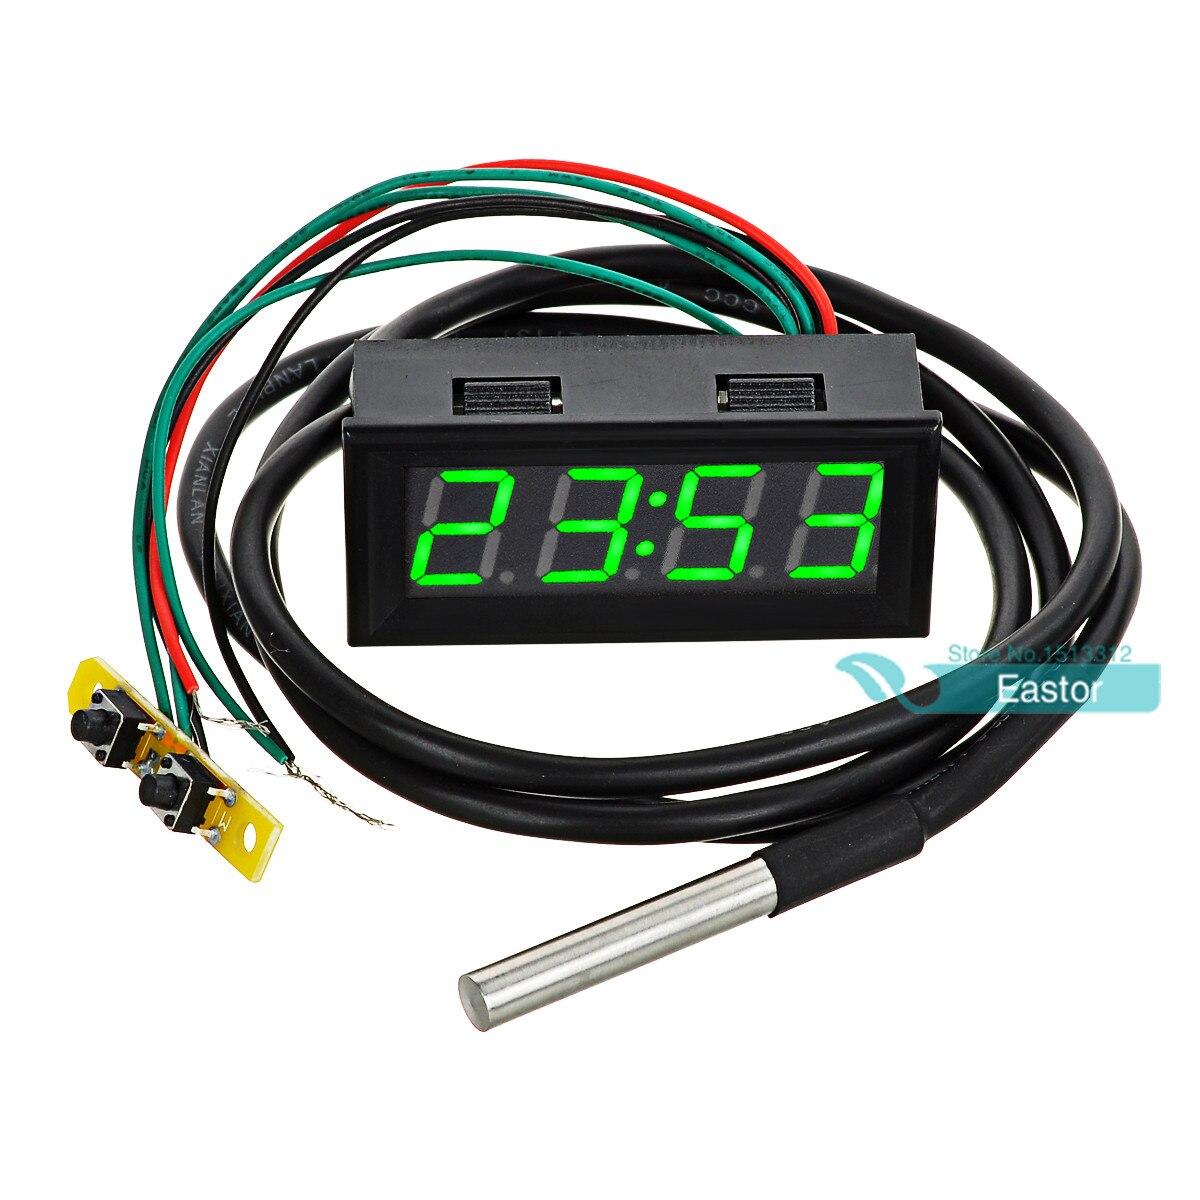 0.56 DC 0-30 В Вольтметр термометр часы 3in1 метр колеи с 1 м DS18B20 Термометры зеленый синий и красный цвета желтый свет